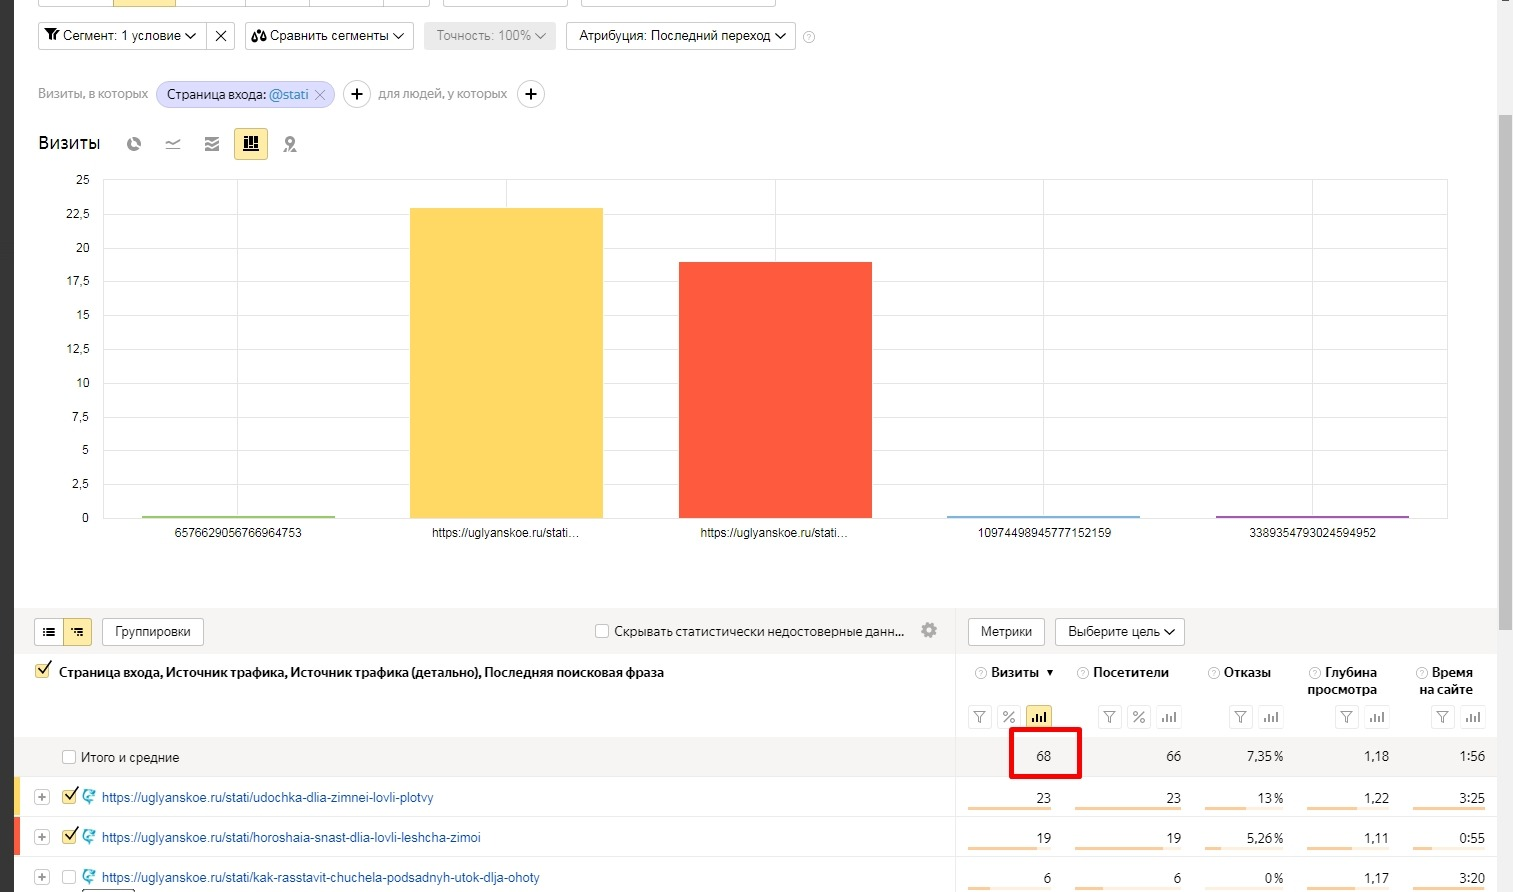 больше половины поискового трафика идет на блог